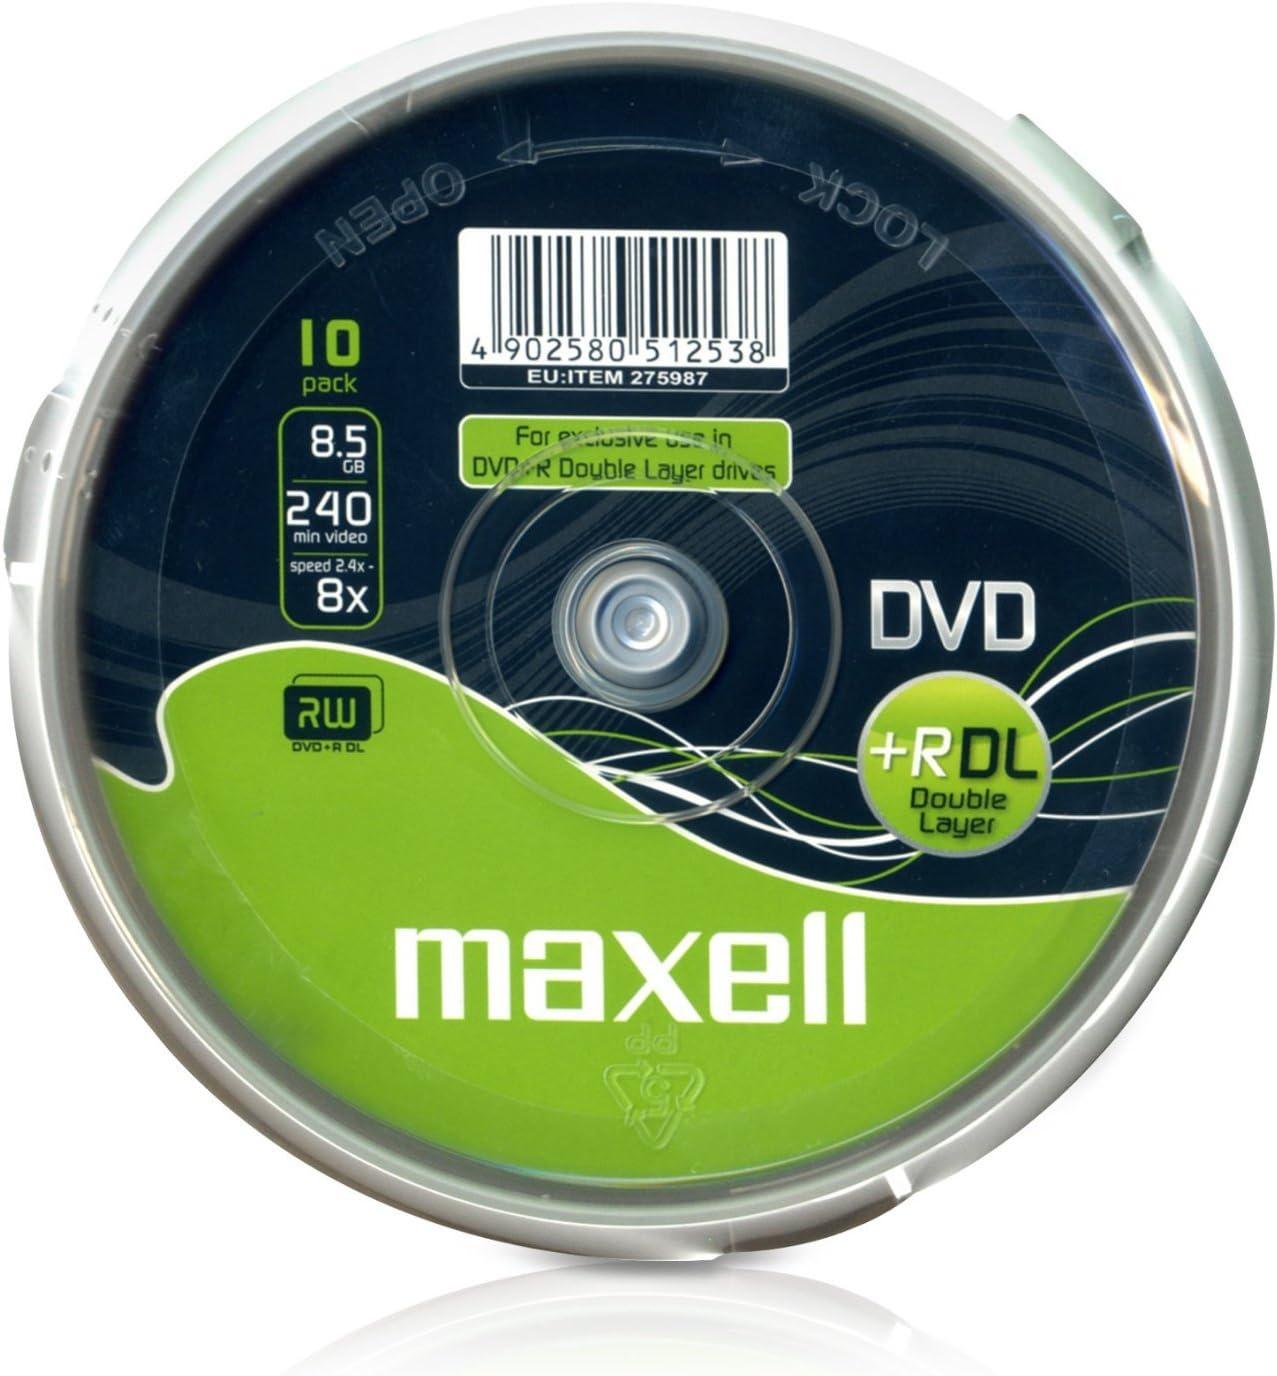 Maxell Dvd R Dl 8 5gb 240min 8x Cakebox Computer Zubehör